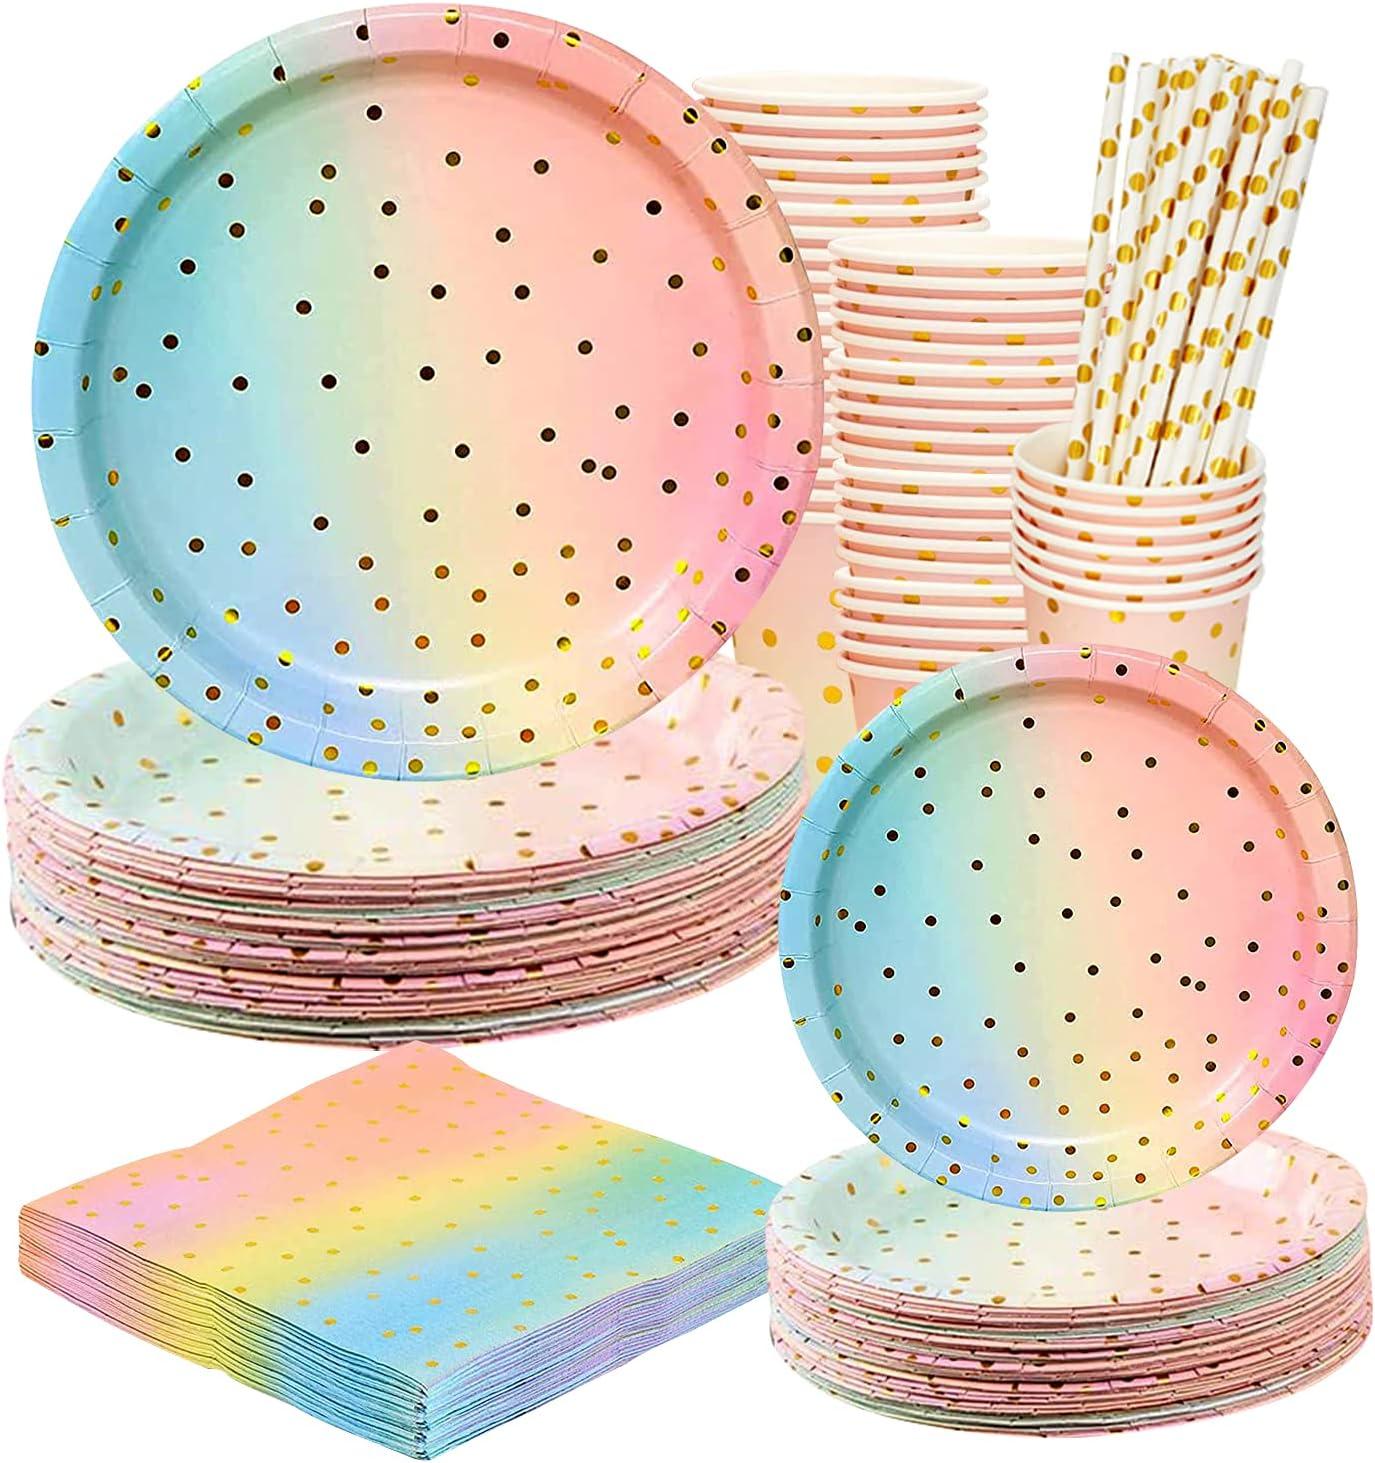 DANXIAN Juego de vajilla desechable para fiestas, juego de vajilla de 25 tazas, 25 platos de 17,6 cm, 25 pajitas, 25 servilletas para fiestas, cumpleaños, bodas, aniversarios